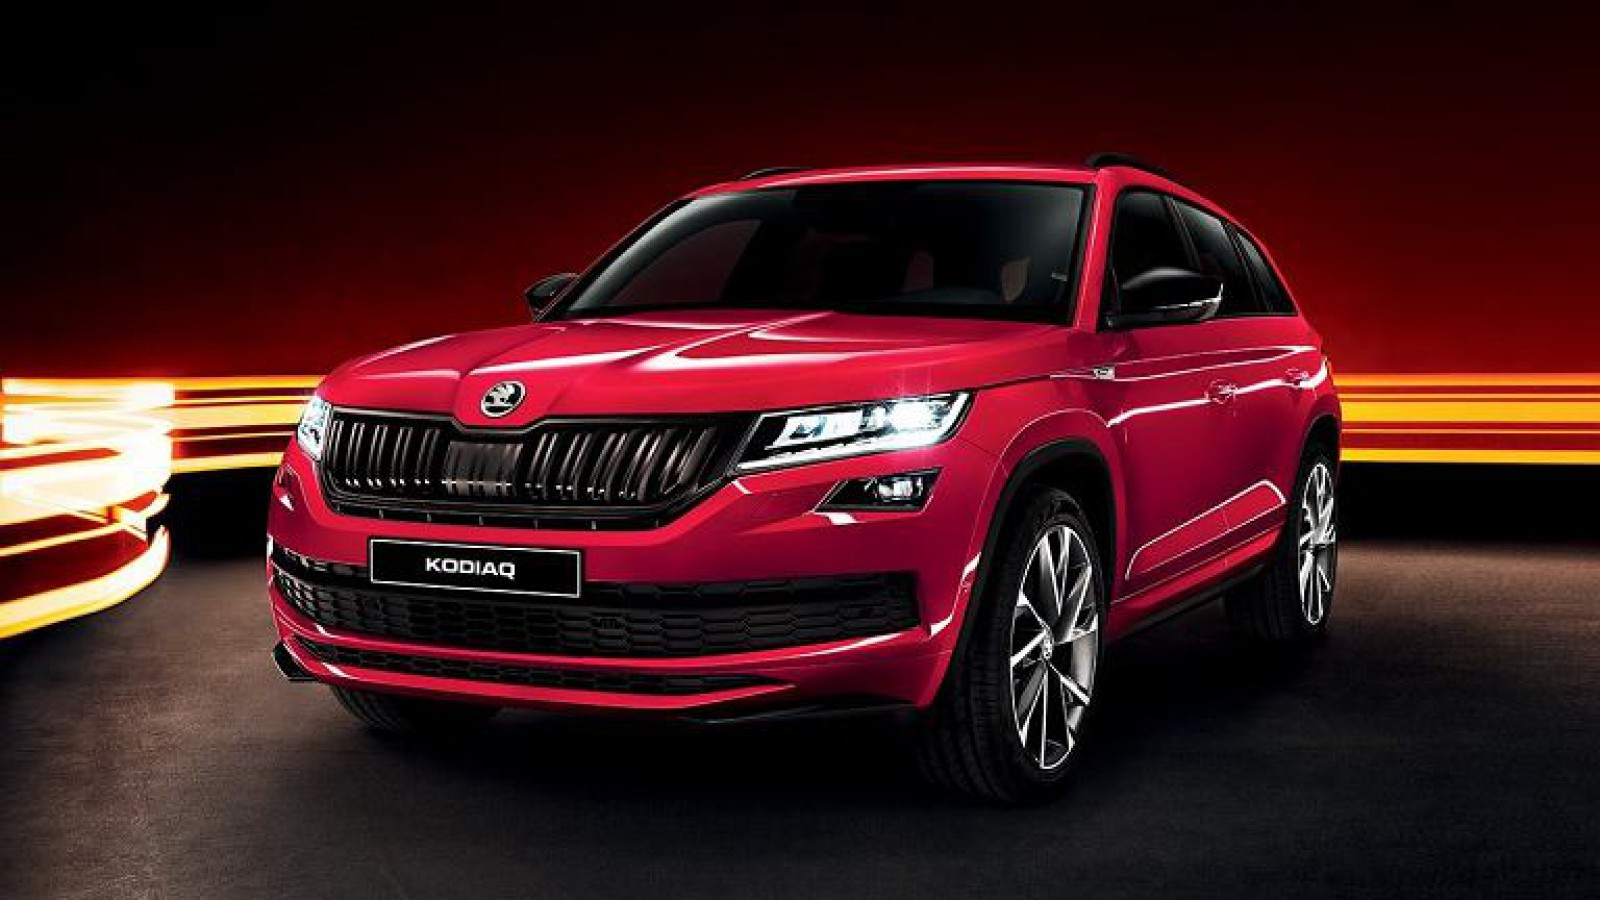 (foto) Noul Skoda Kodiaq RS va fi prezentat la Salonul Auto de la Paris. Primele imagini teaser